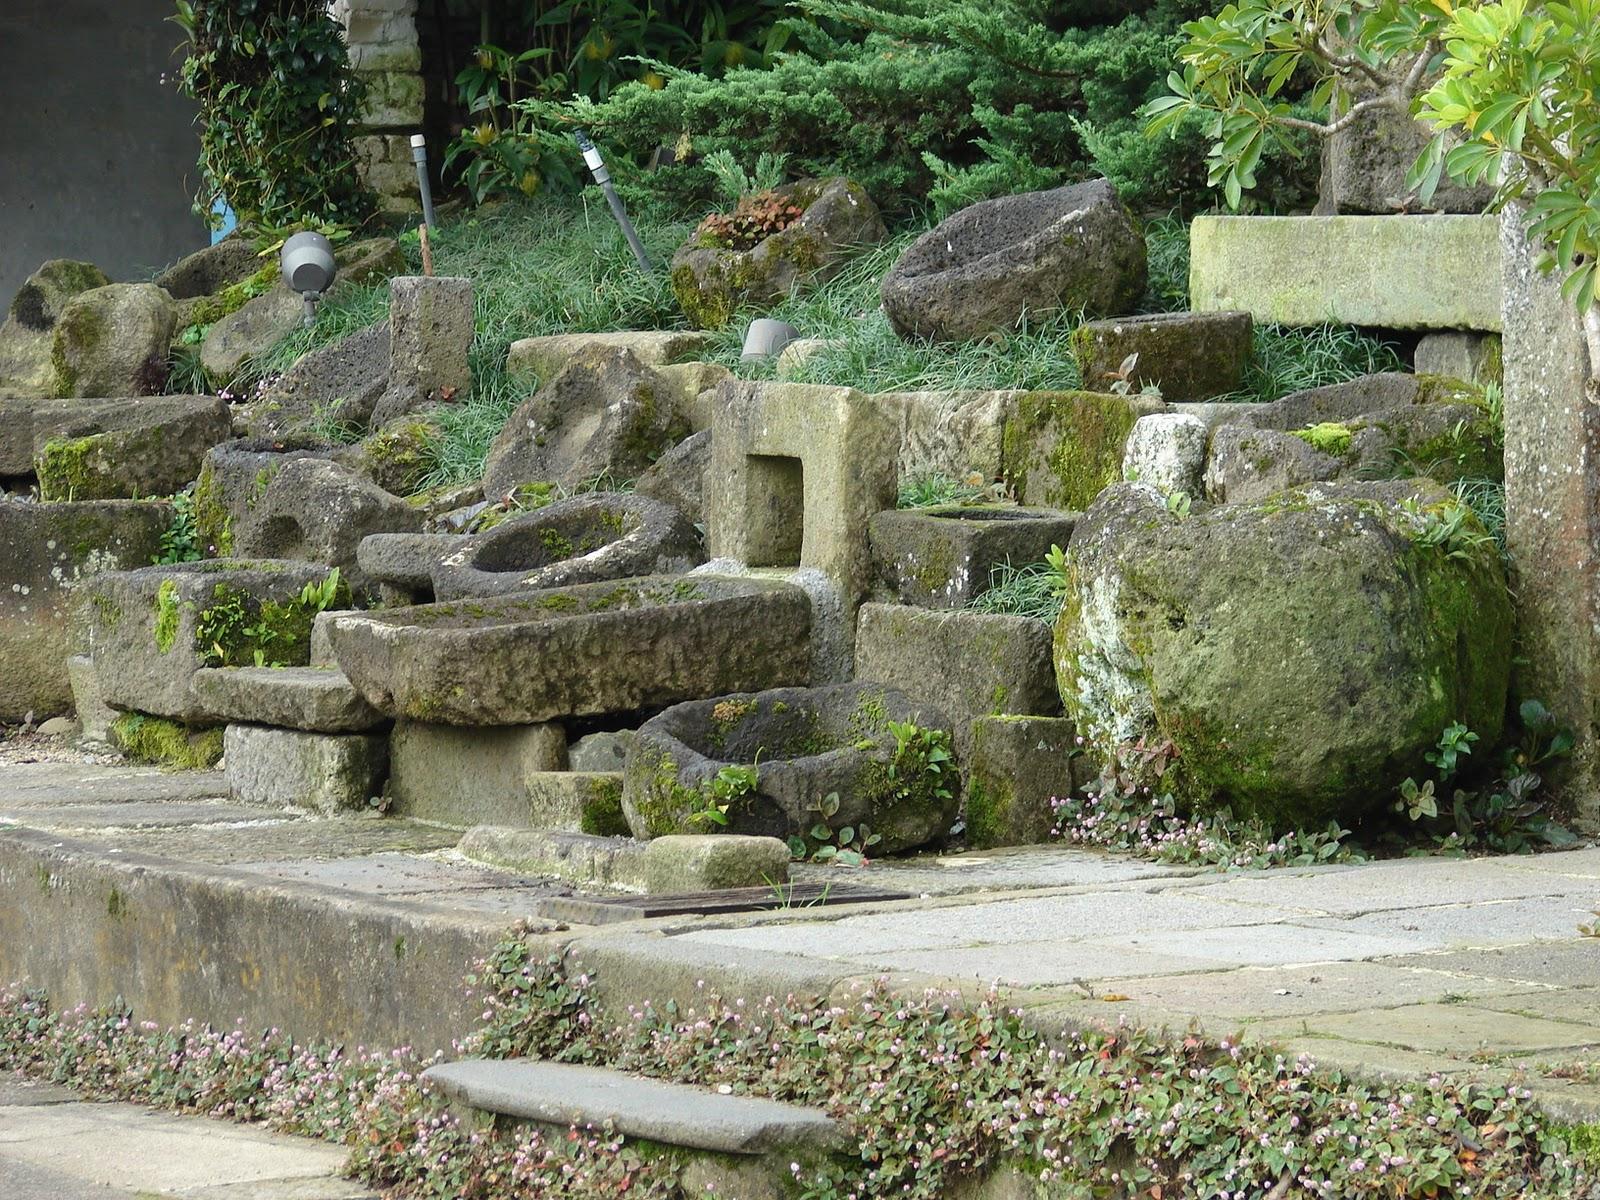 Paisajismo pueblos y jardines jardines de rocalla y rock for Jardines con piedras y troncos